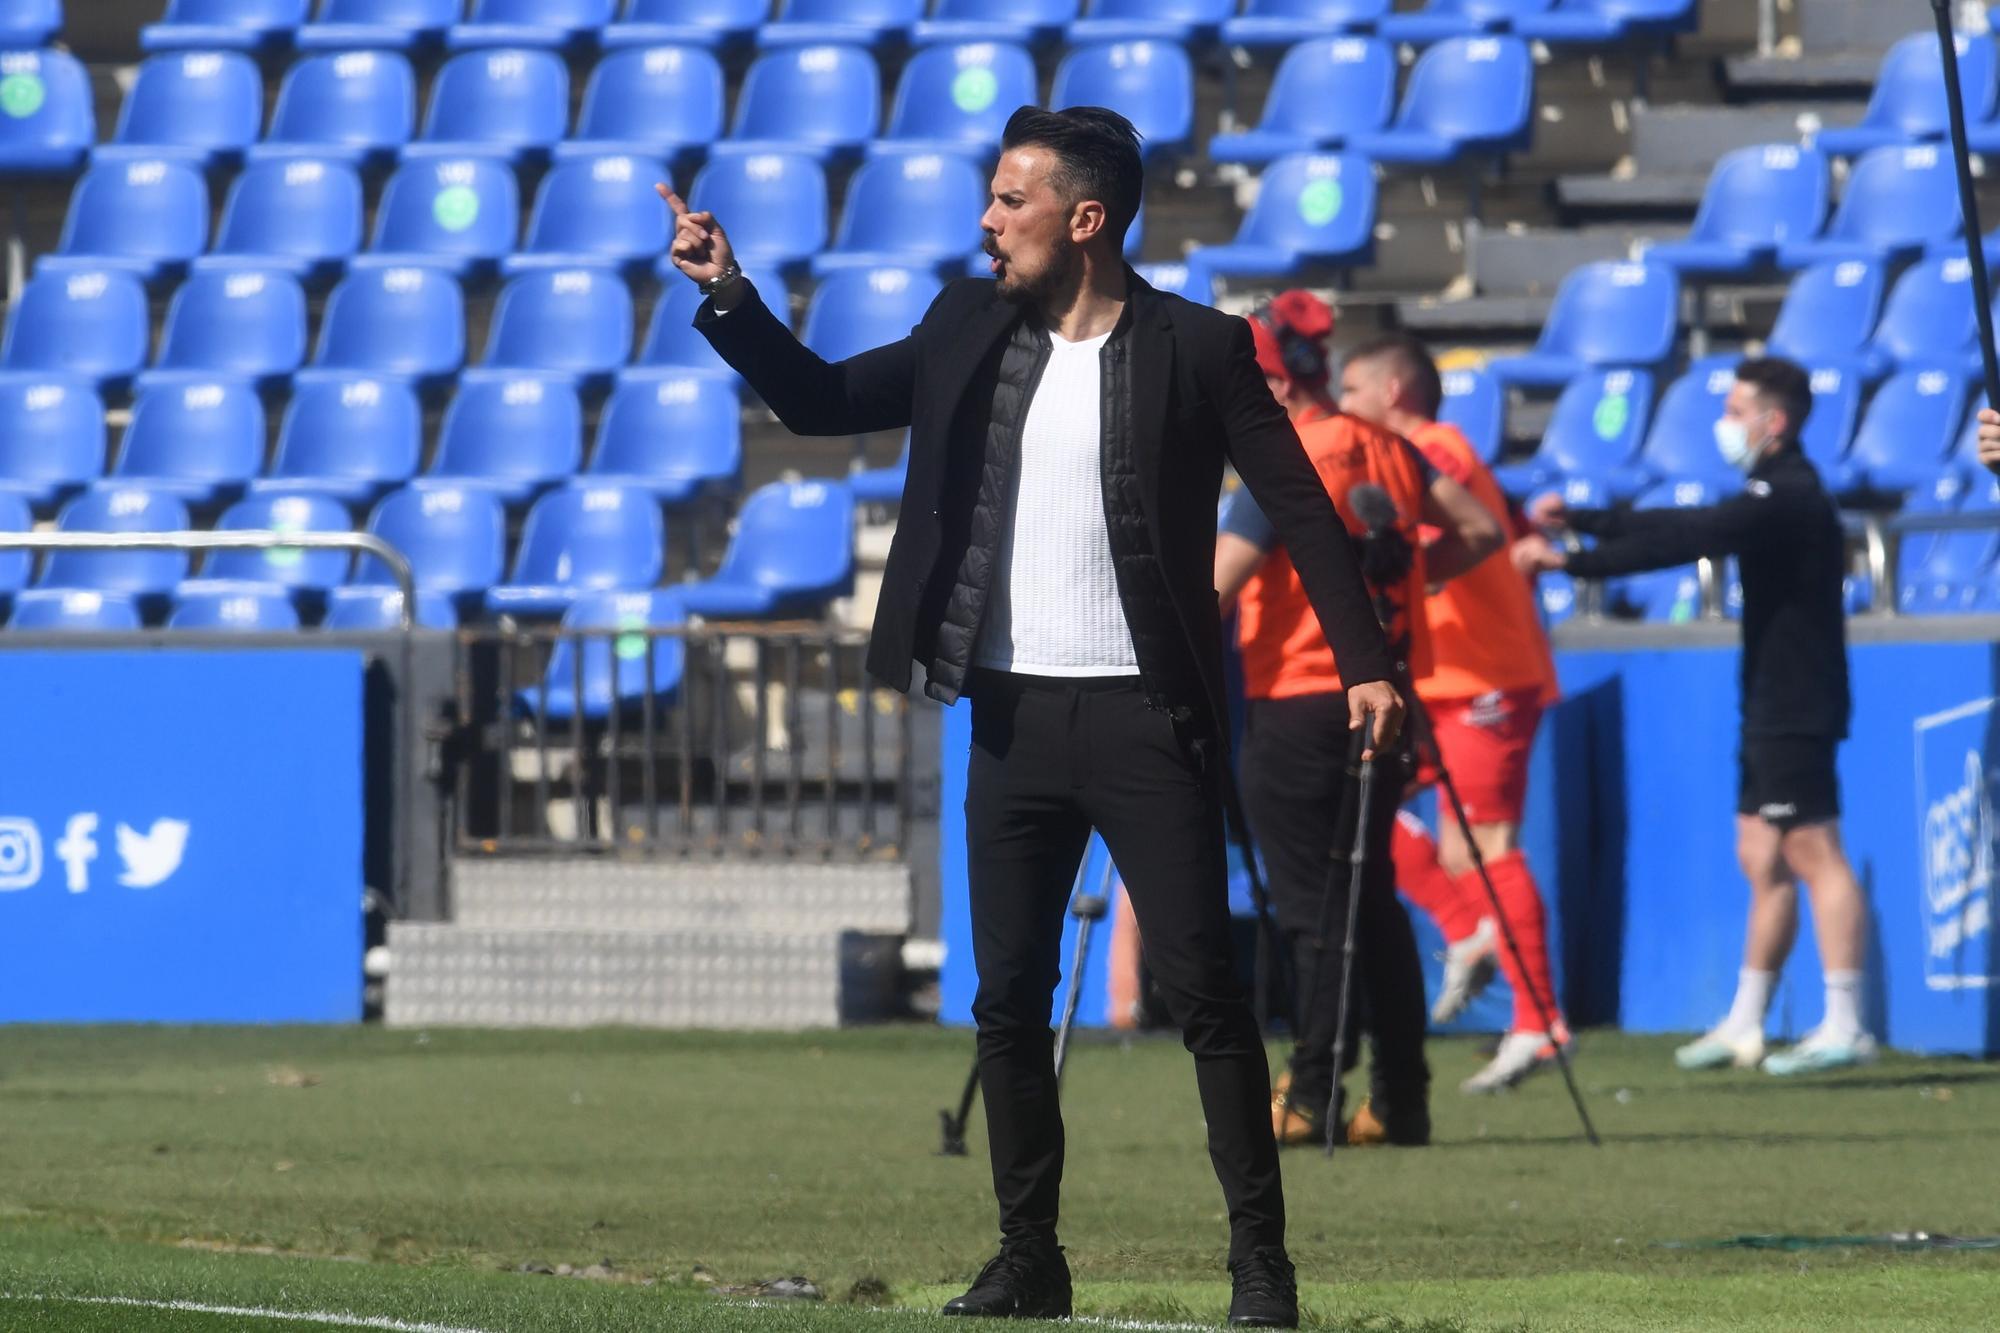 El Dépor le gana al Zamora 2-0, pero se queda sin fase de ascenso